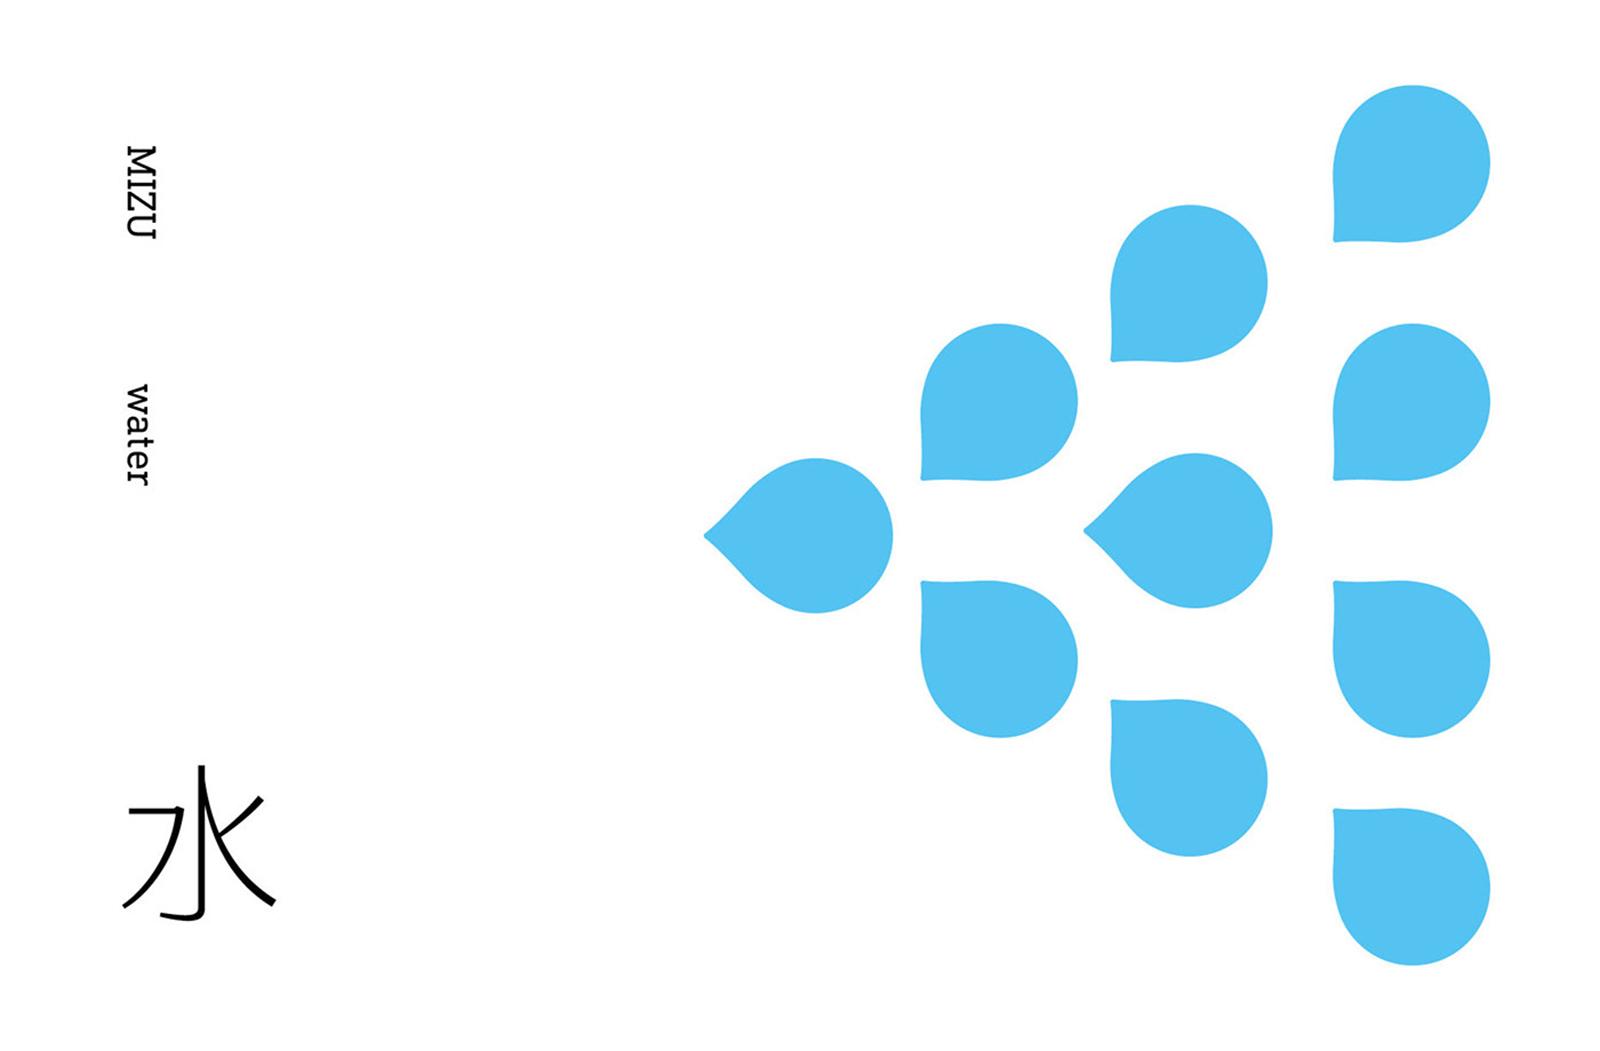 花水木居家清洁用品品牌形象设计欣赏-深圳VI设计7